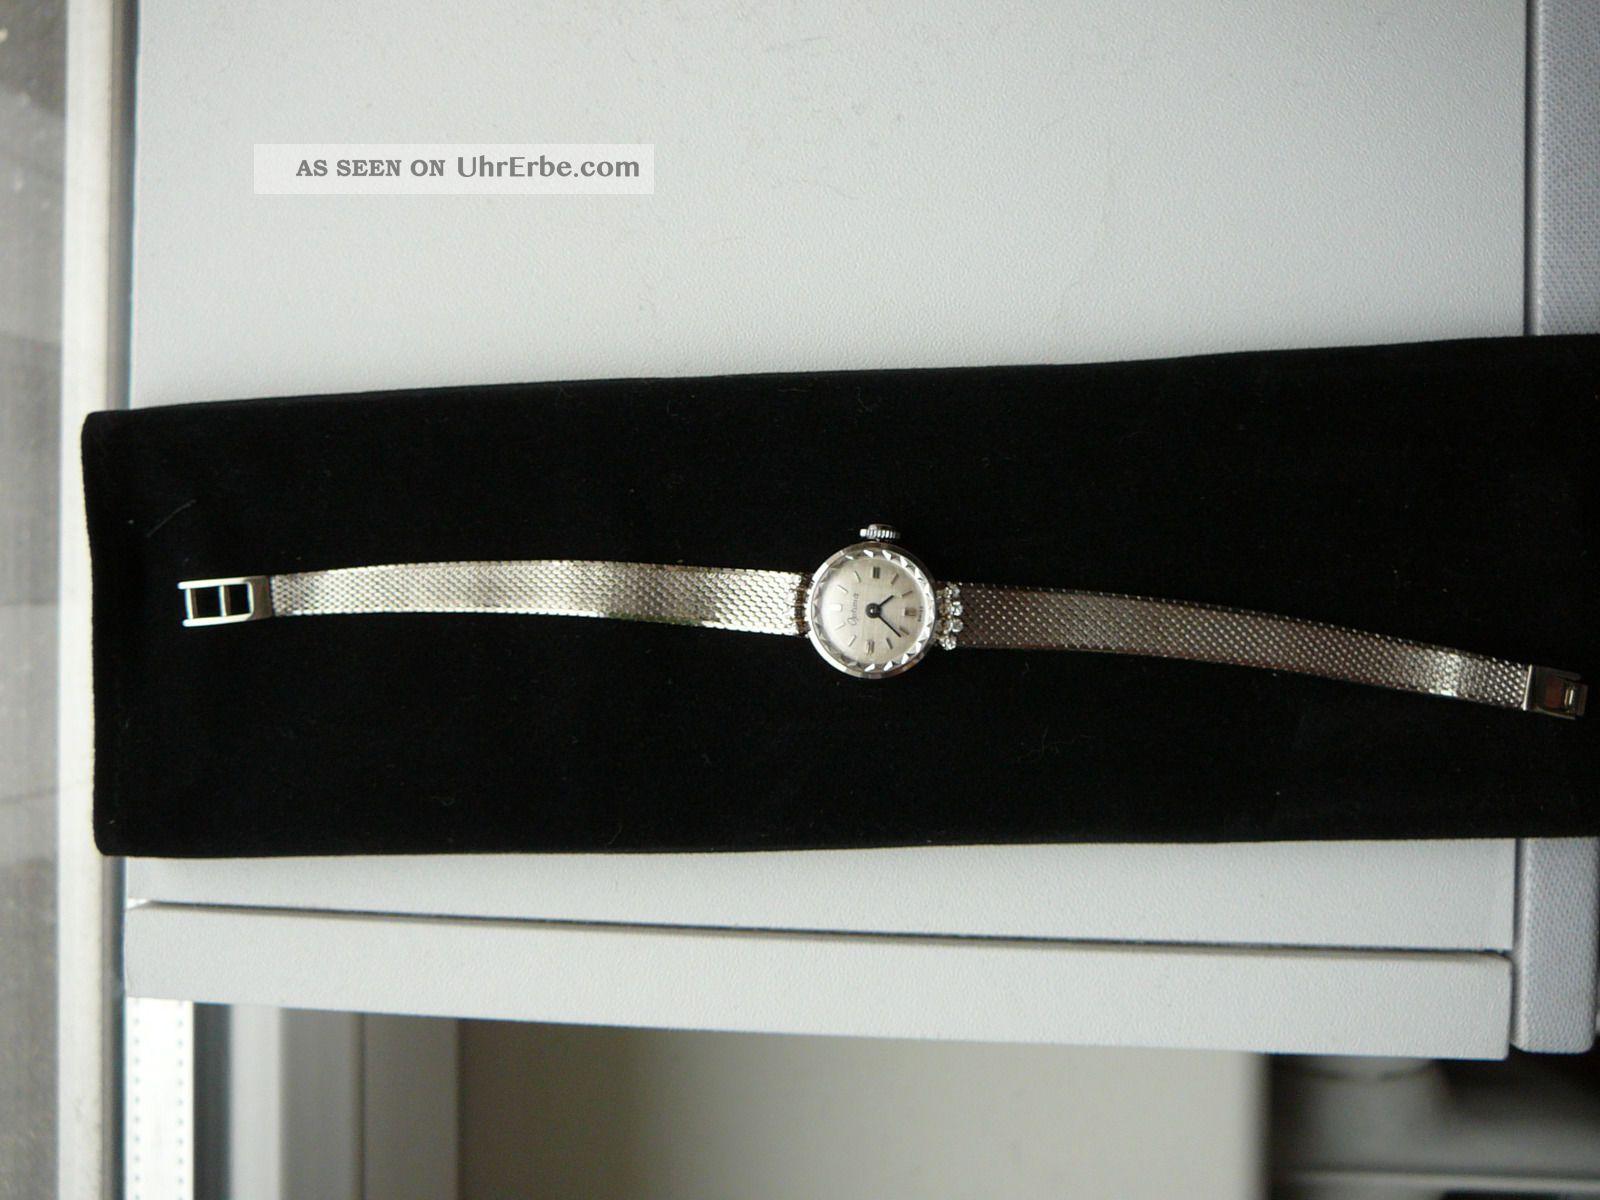 optima damen uhr wei gold 585 14 ct mit 8 diamanten schweizer werk. Black Bedroom Furniture Sets. Home Design Ideas